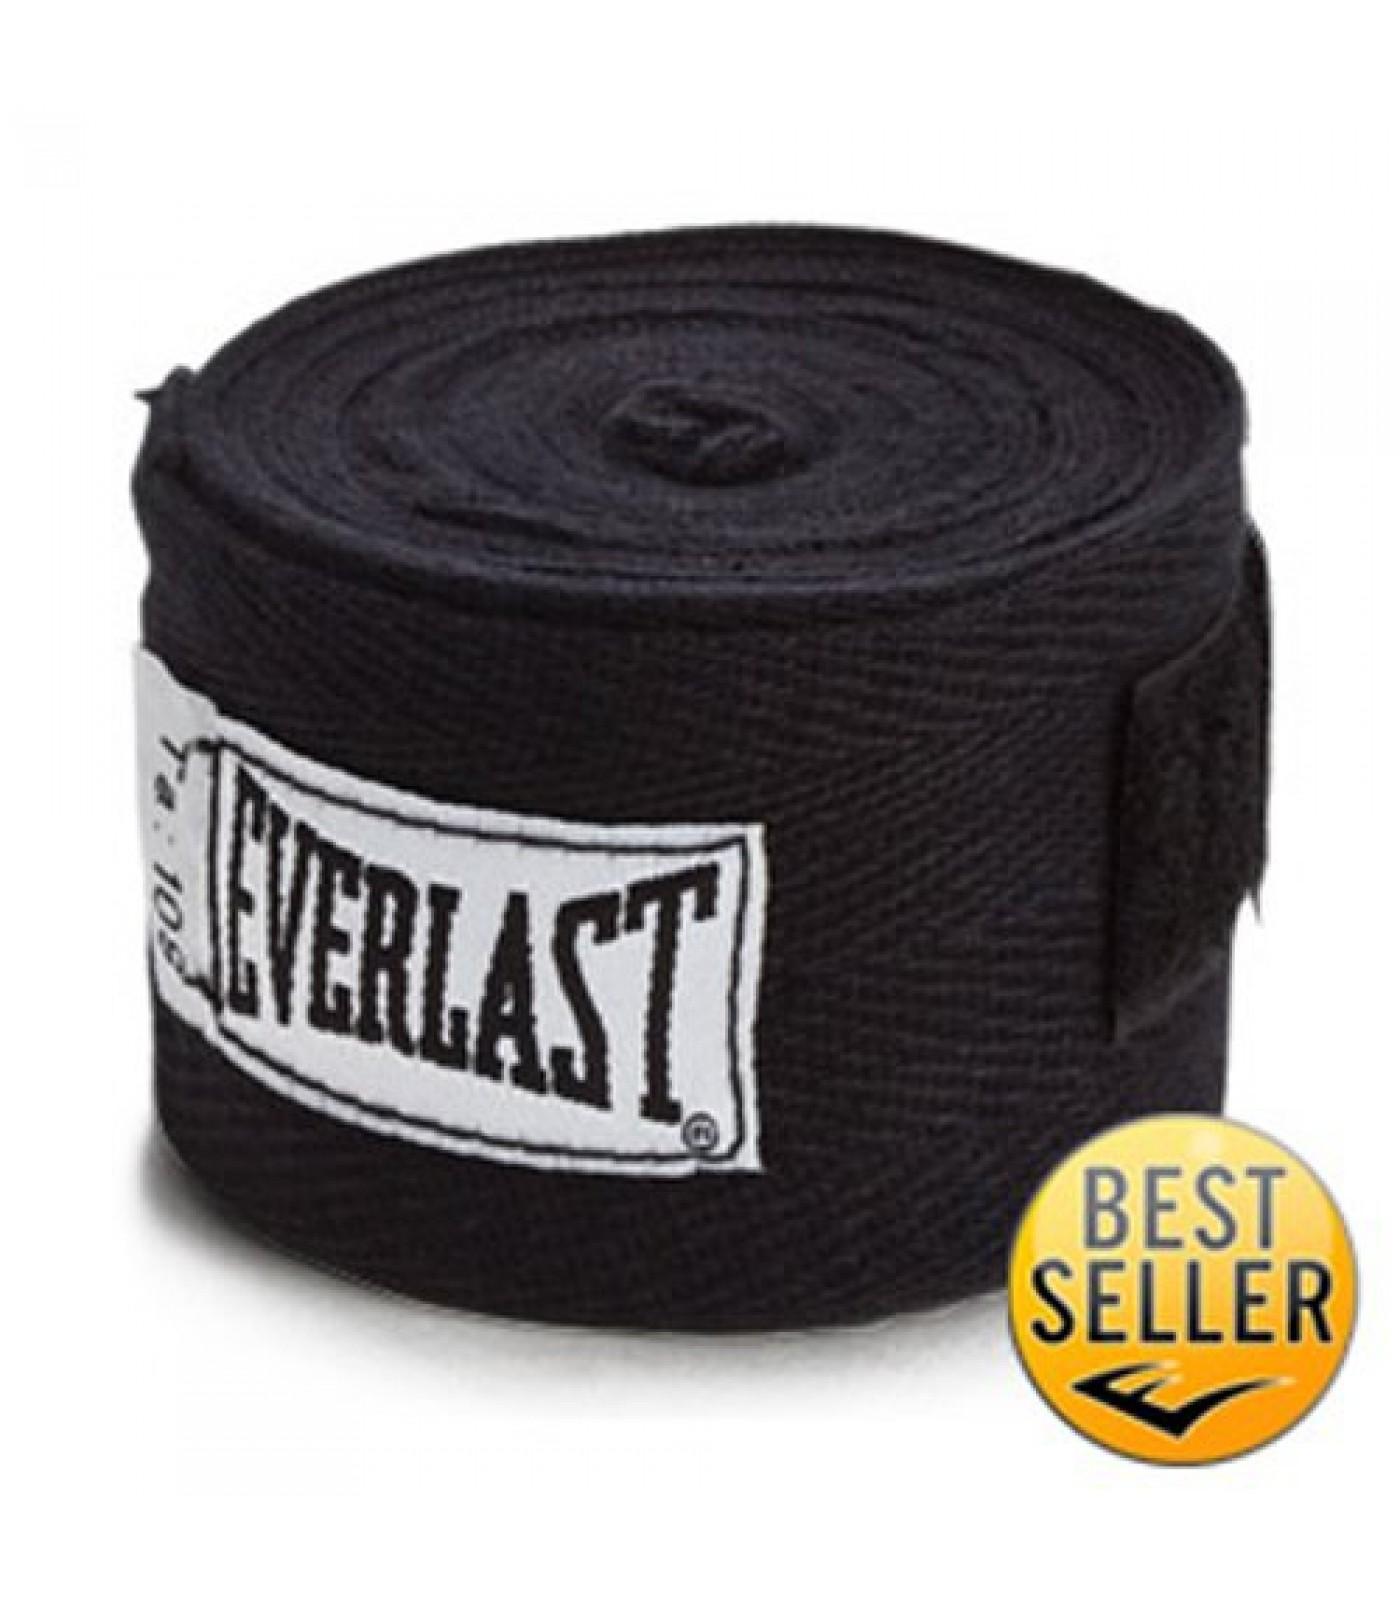 Everlast - Бинт черен - 3.05 метра